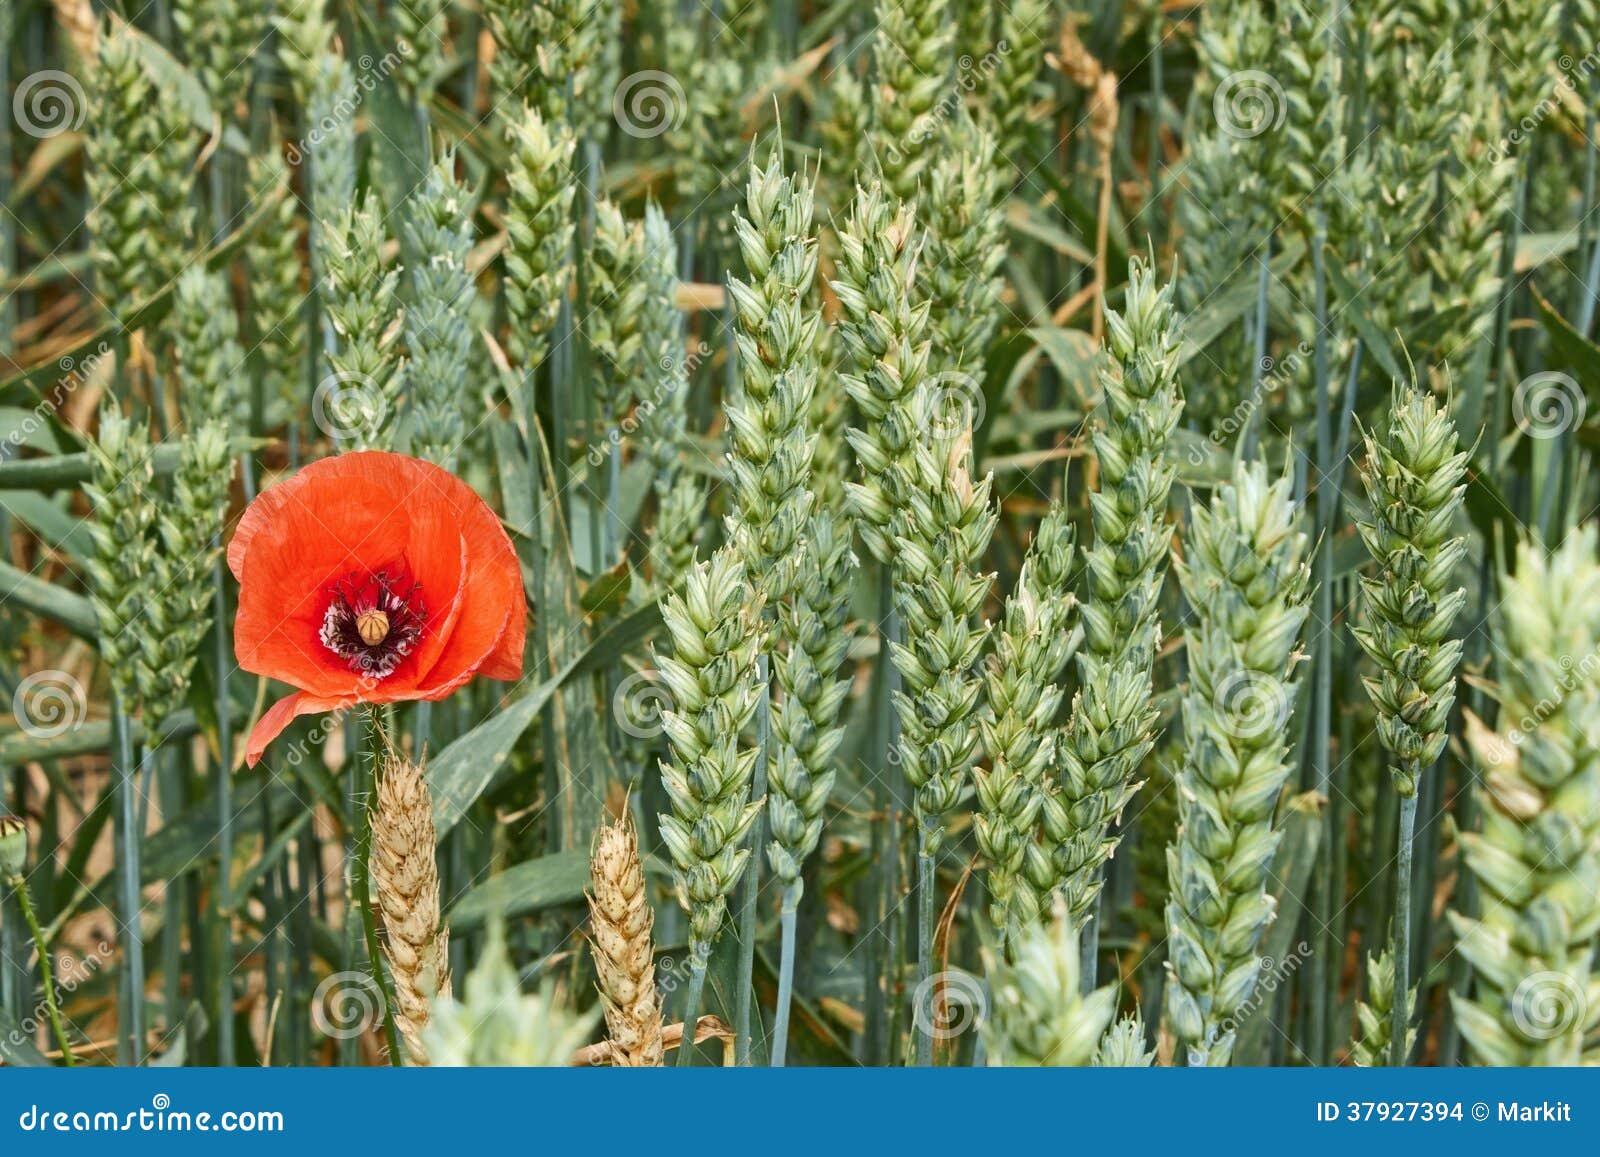 Красный цветок мака среди зеленых ушей пшеницы